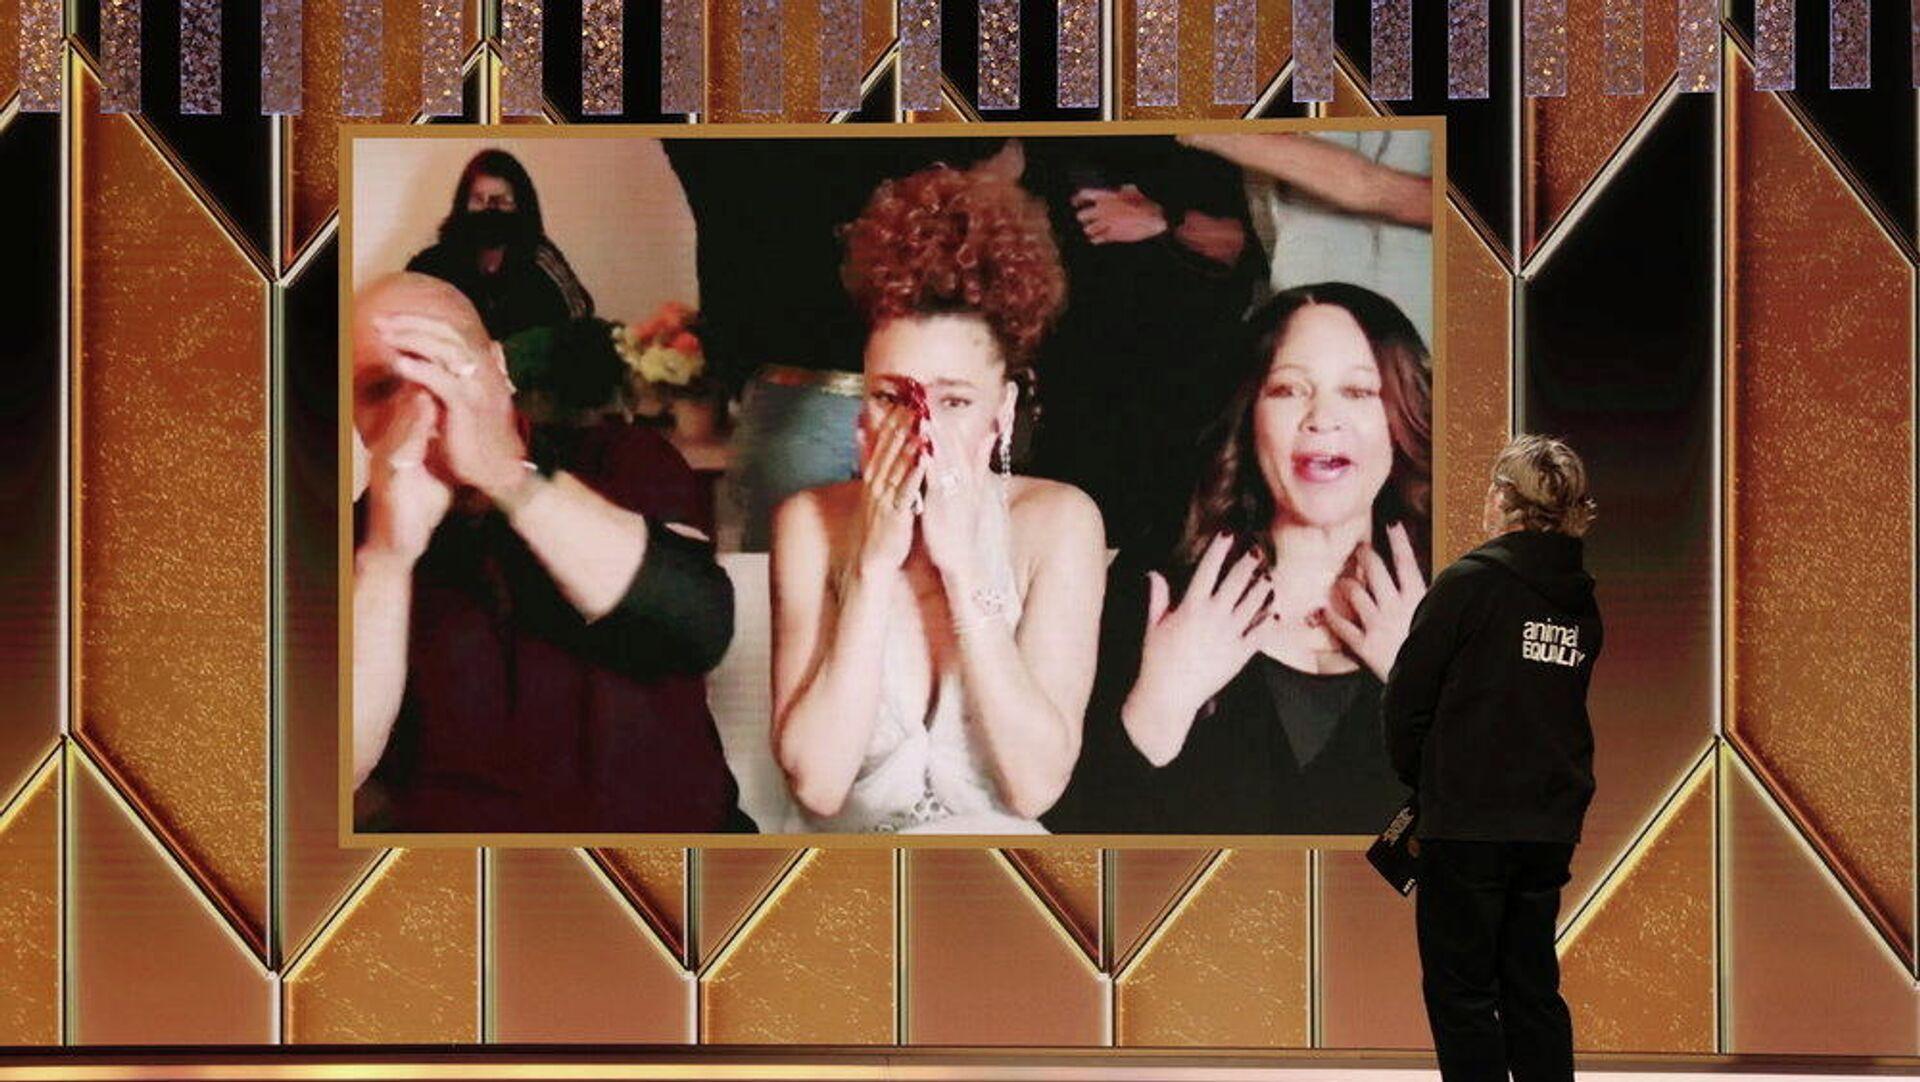 Андра Дэй на церемонии вручения премии Золотой глобус - РИА Новости, 1920, 01.03.2021